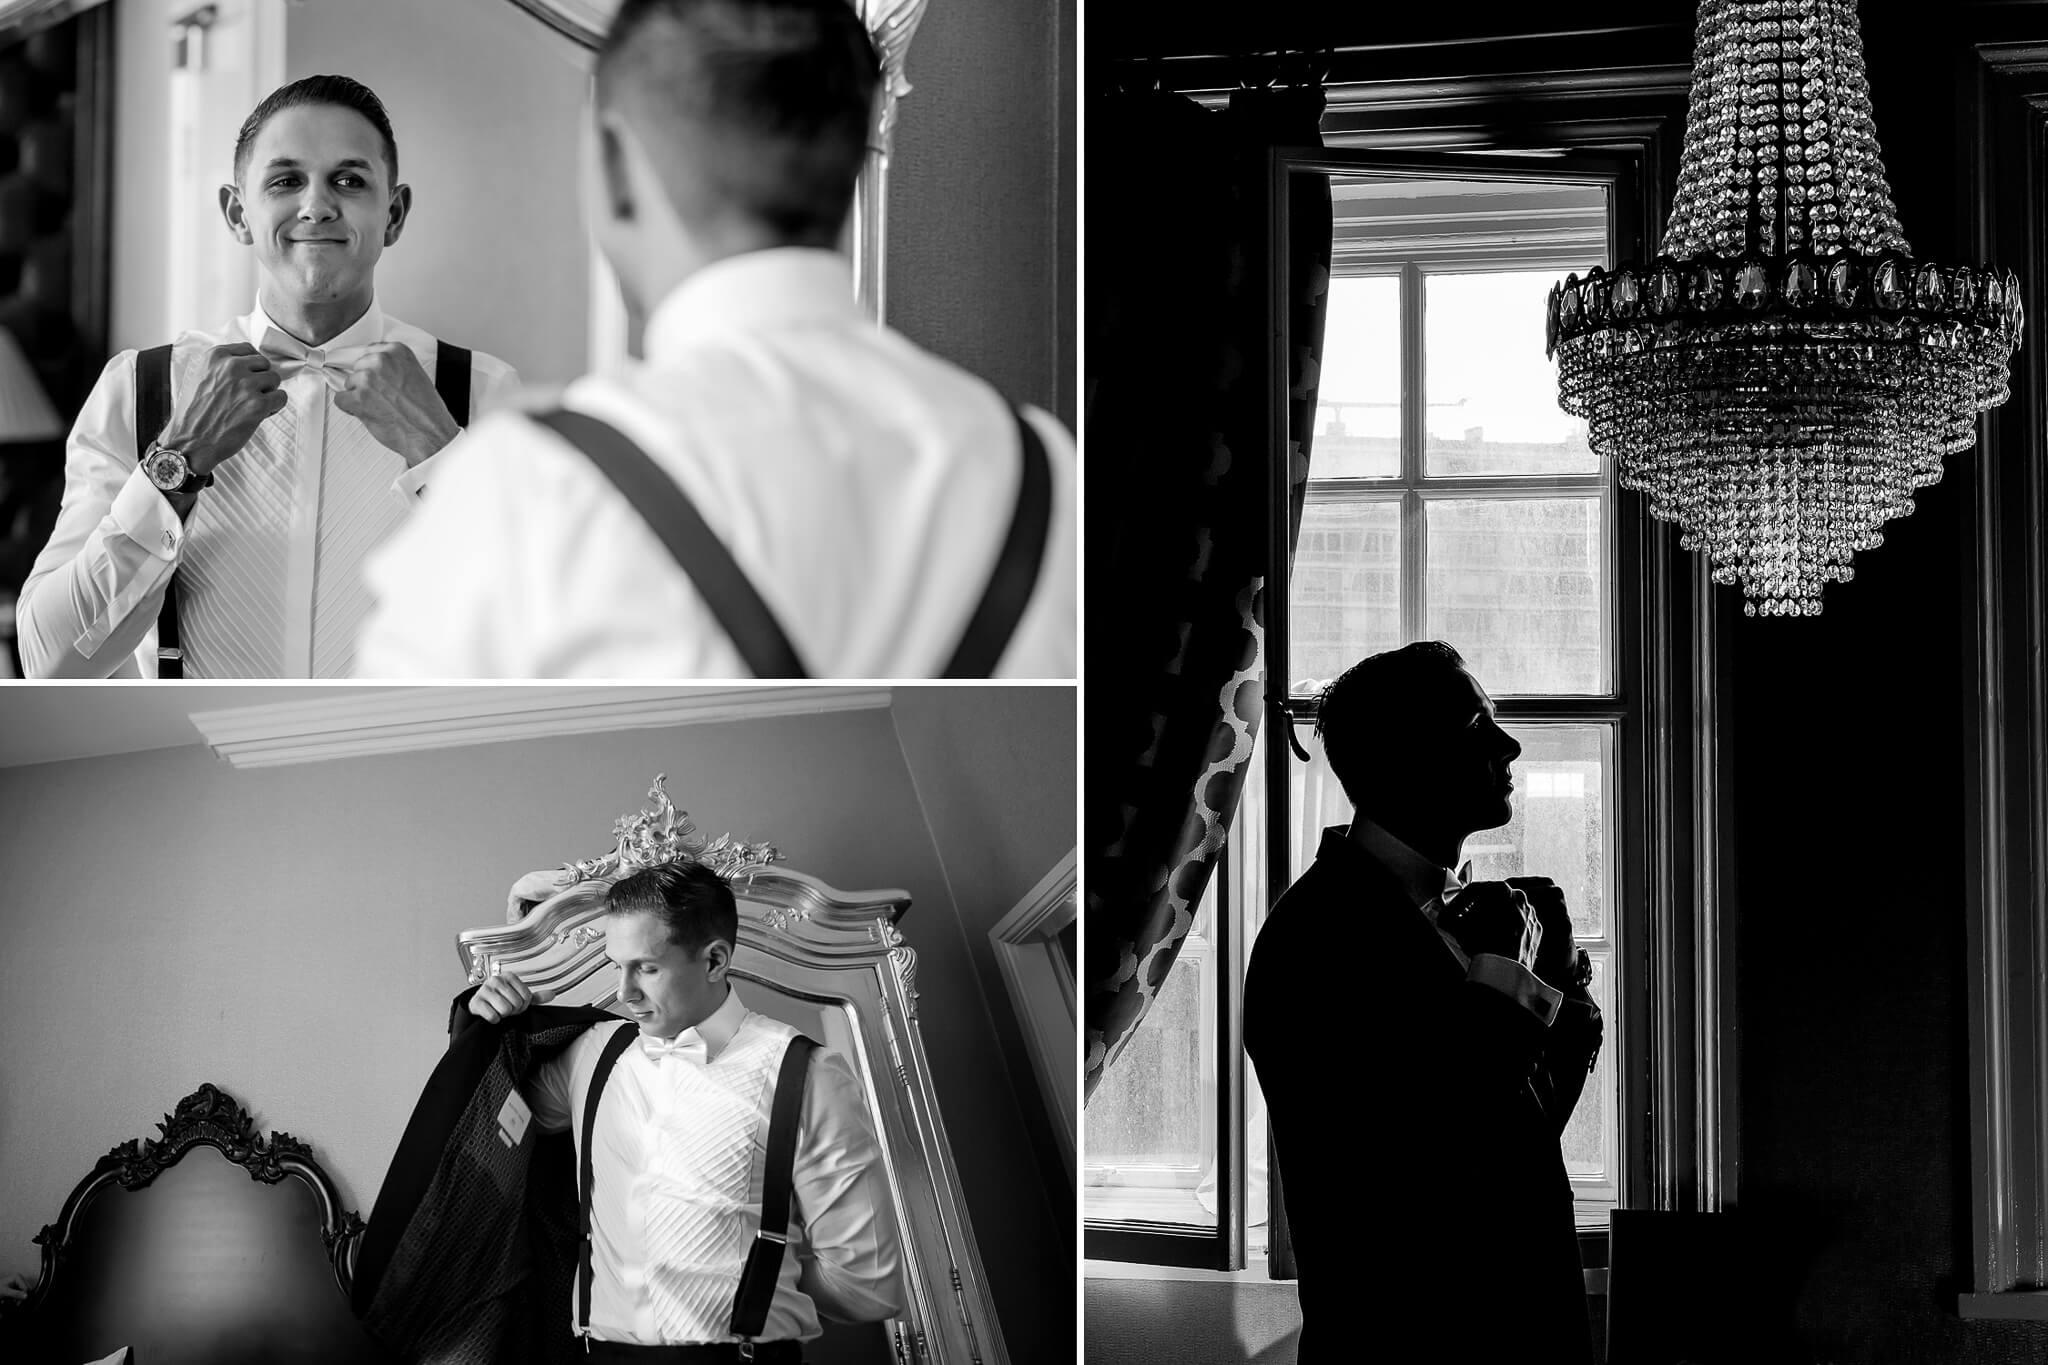 groom-suit-wedding-30-james-street-liverpool